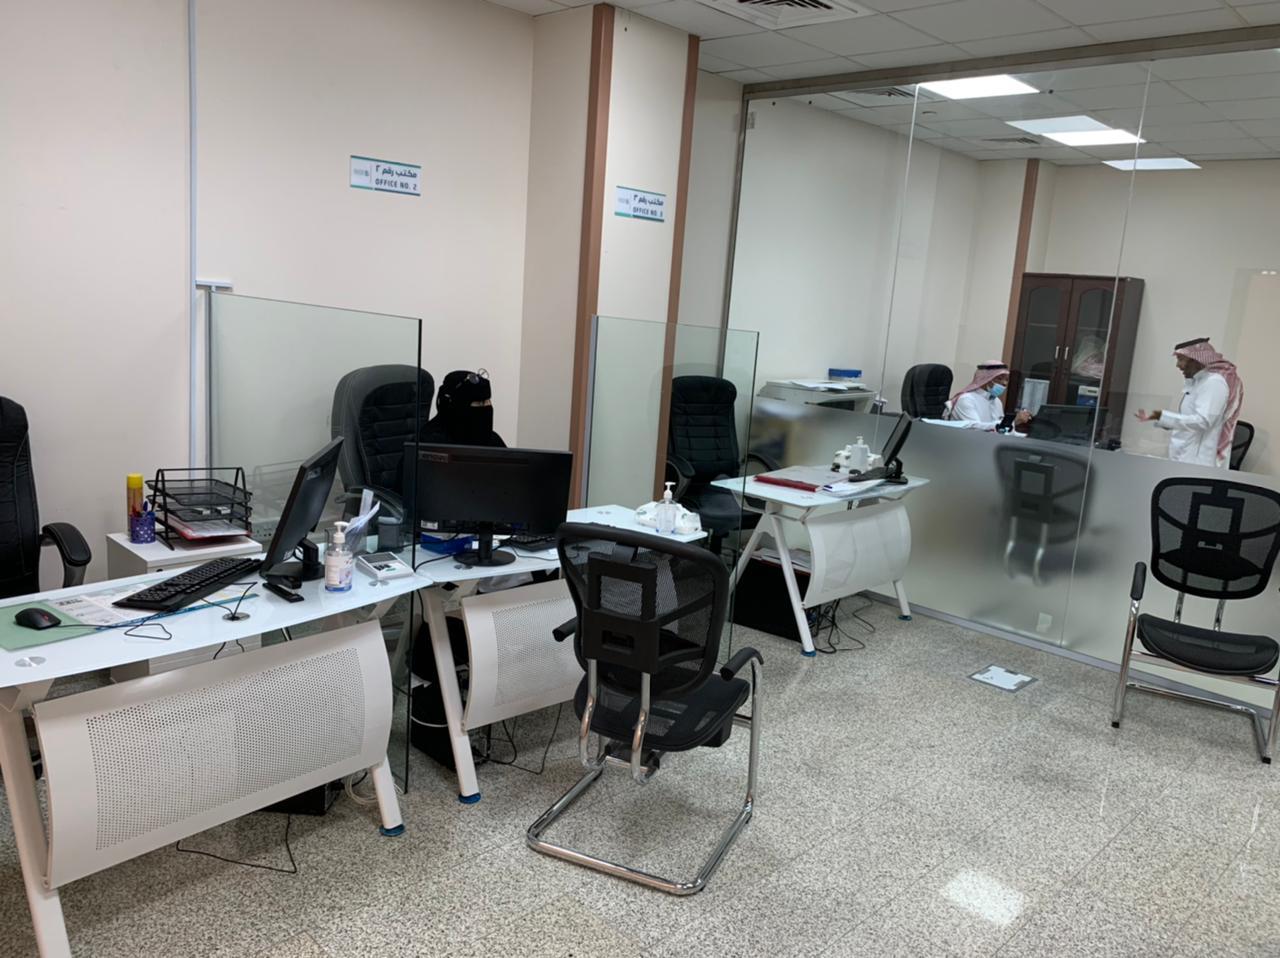 التجمع الصحي يعلن تشغيل مركز اللياقة الطبية بمستشفى بريدة المركزي